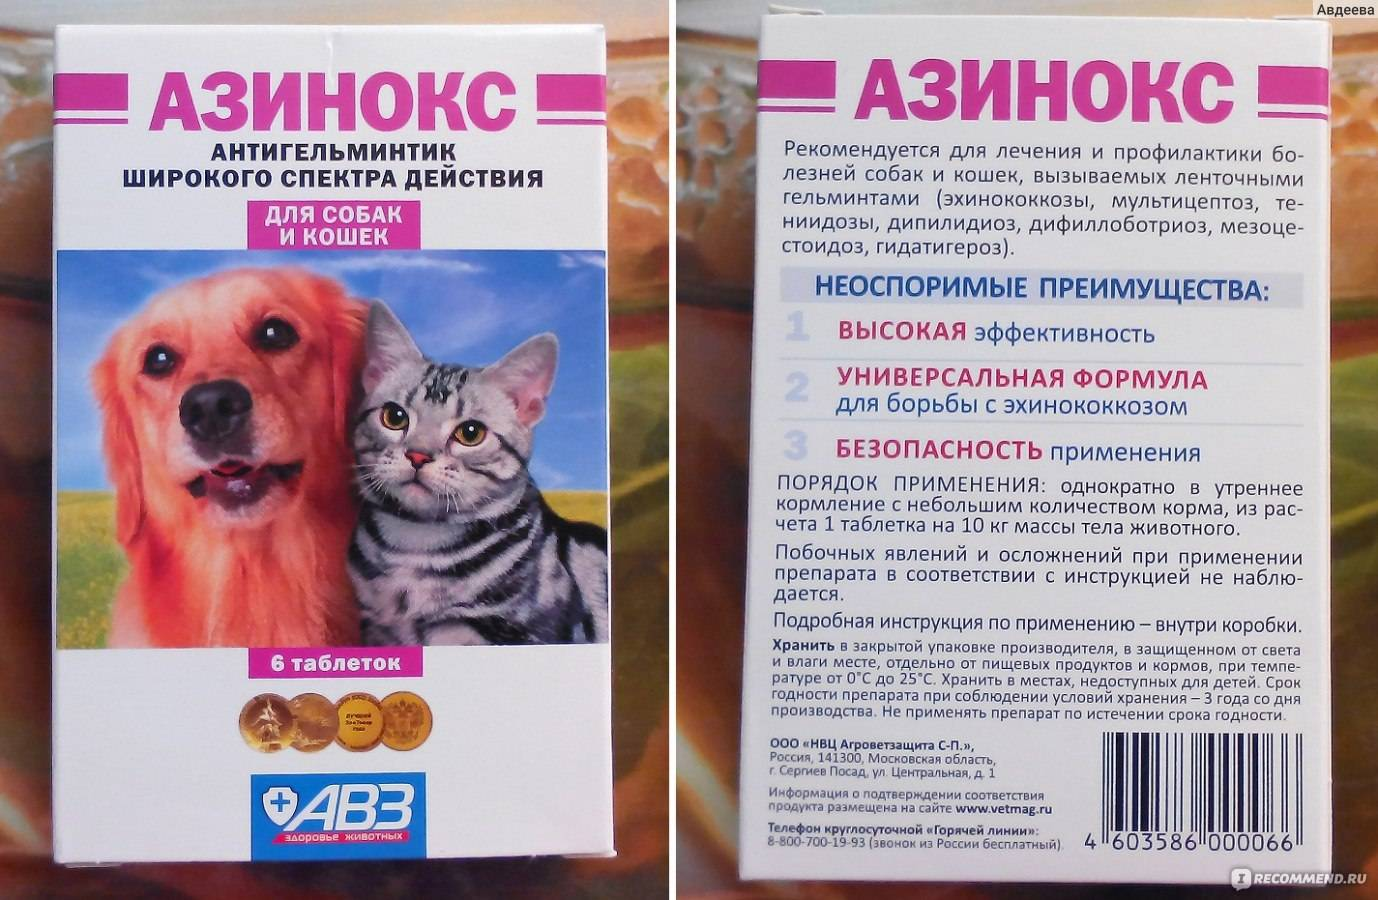 Азинокс для кошек: состав и форма выпуска, показания и инструкция по применению, аналоги и отзывы владельцев